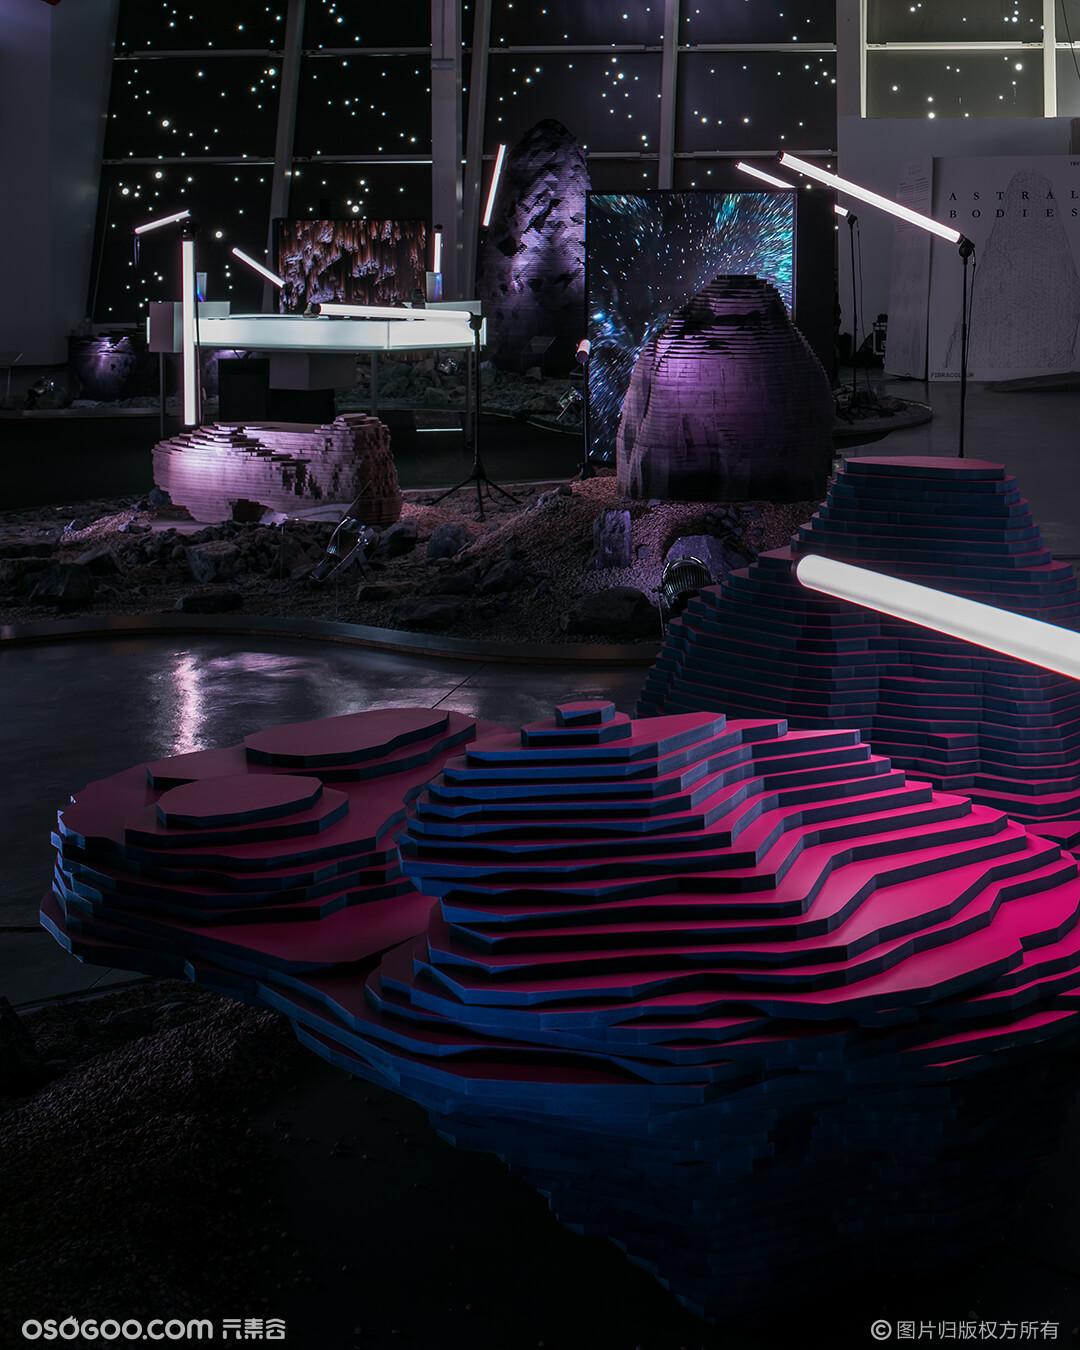 西班牙设计师如何使用抽象概念突出实用材料